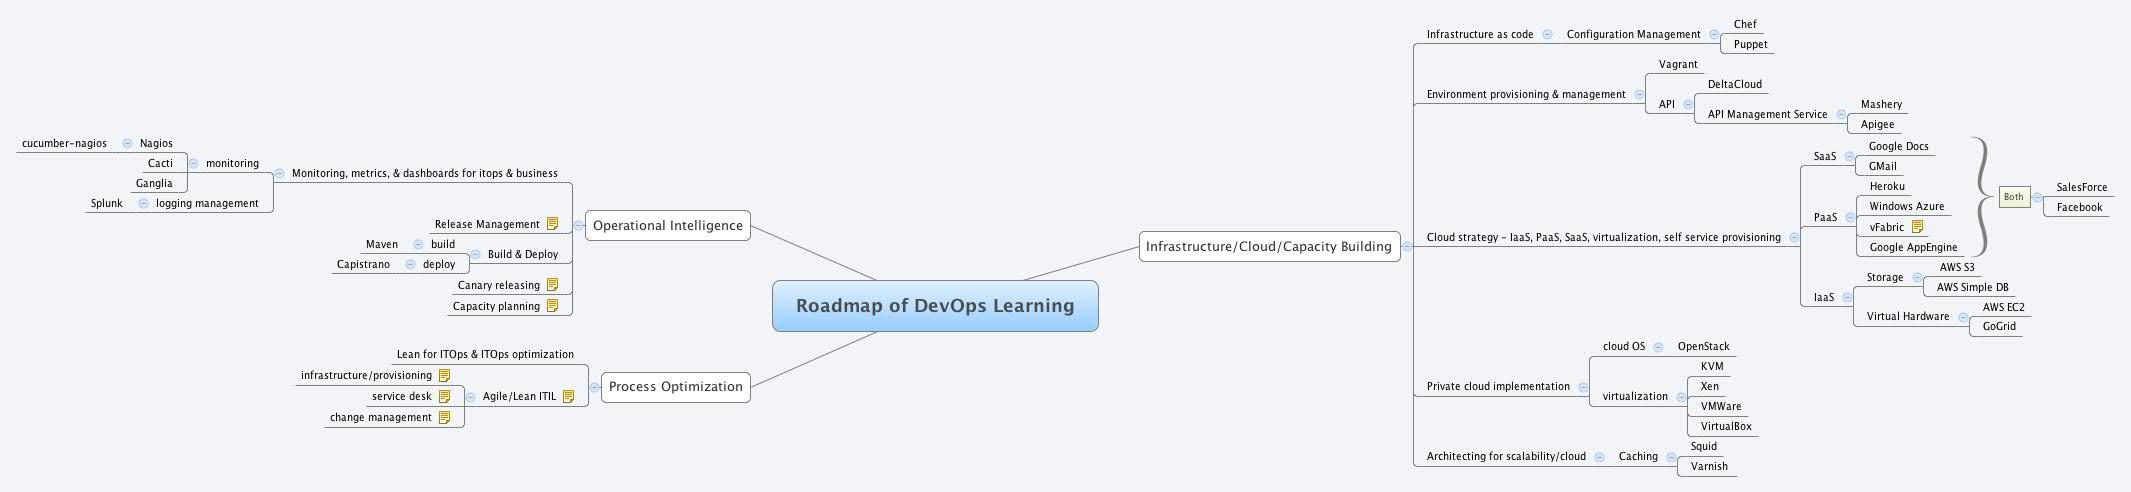 Roadmap of DevOps Learning